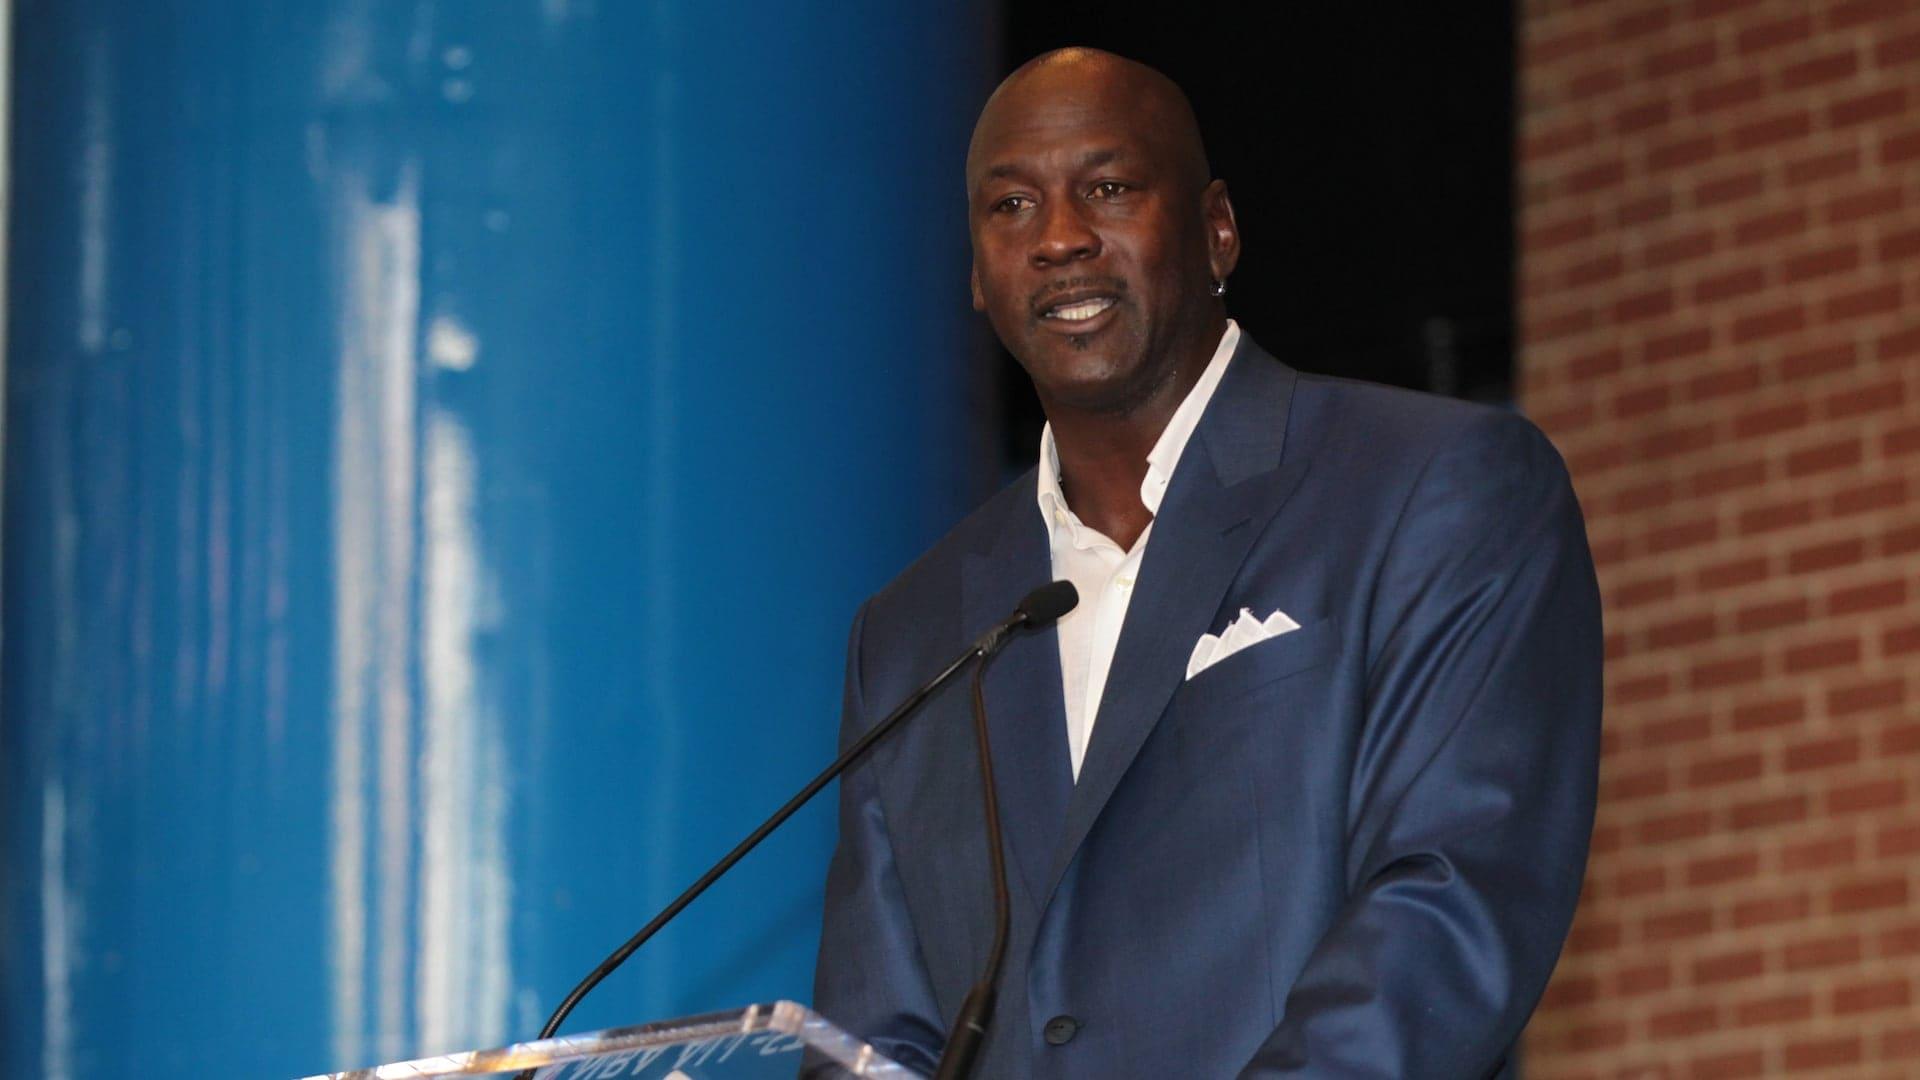 Statement from Hornets owner Michael Jordan